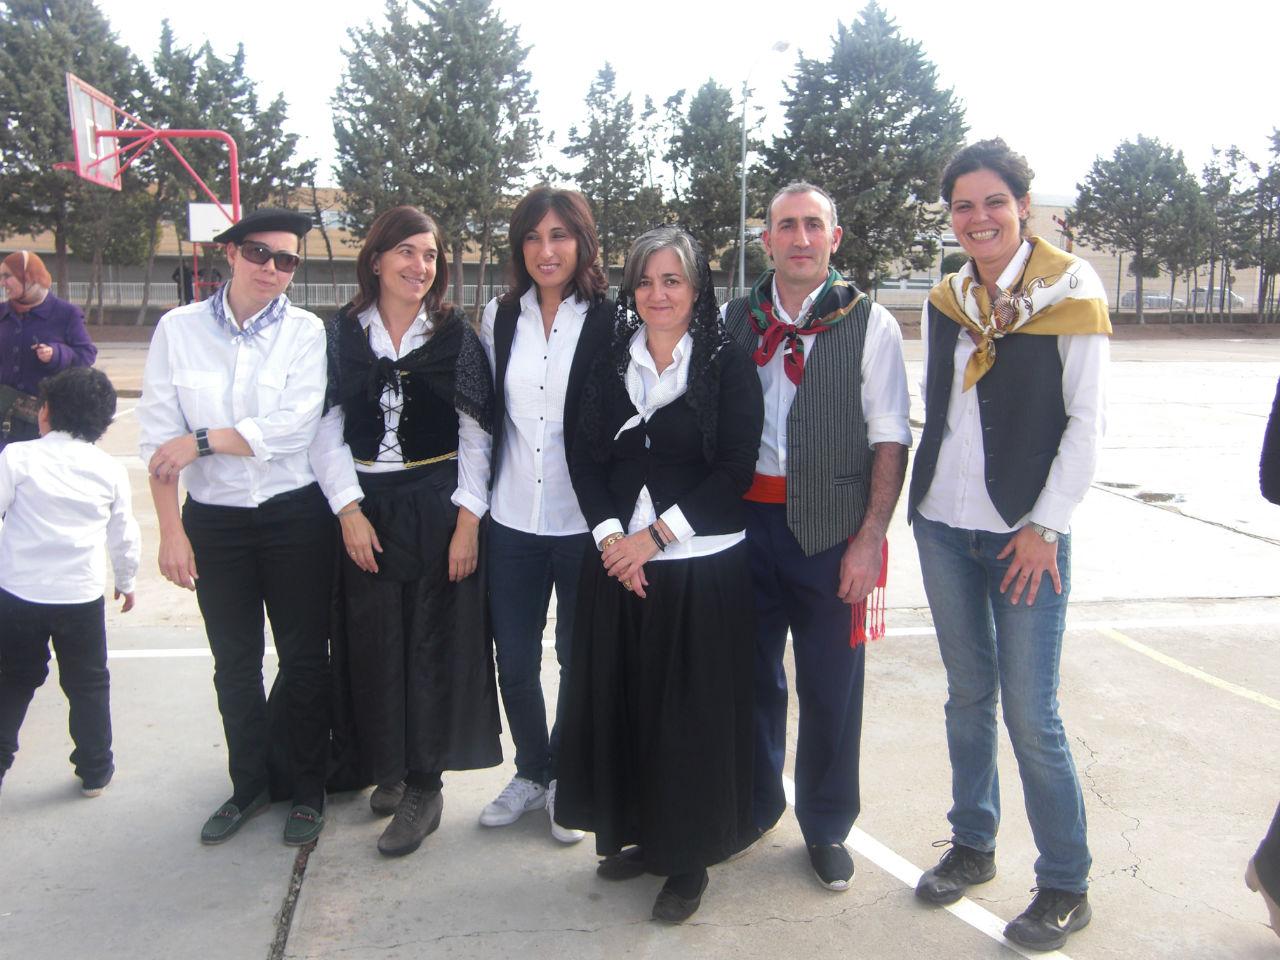 Fiestas en cintru nigo cp otero de navascu s - Colegio otero de navascues ...